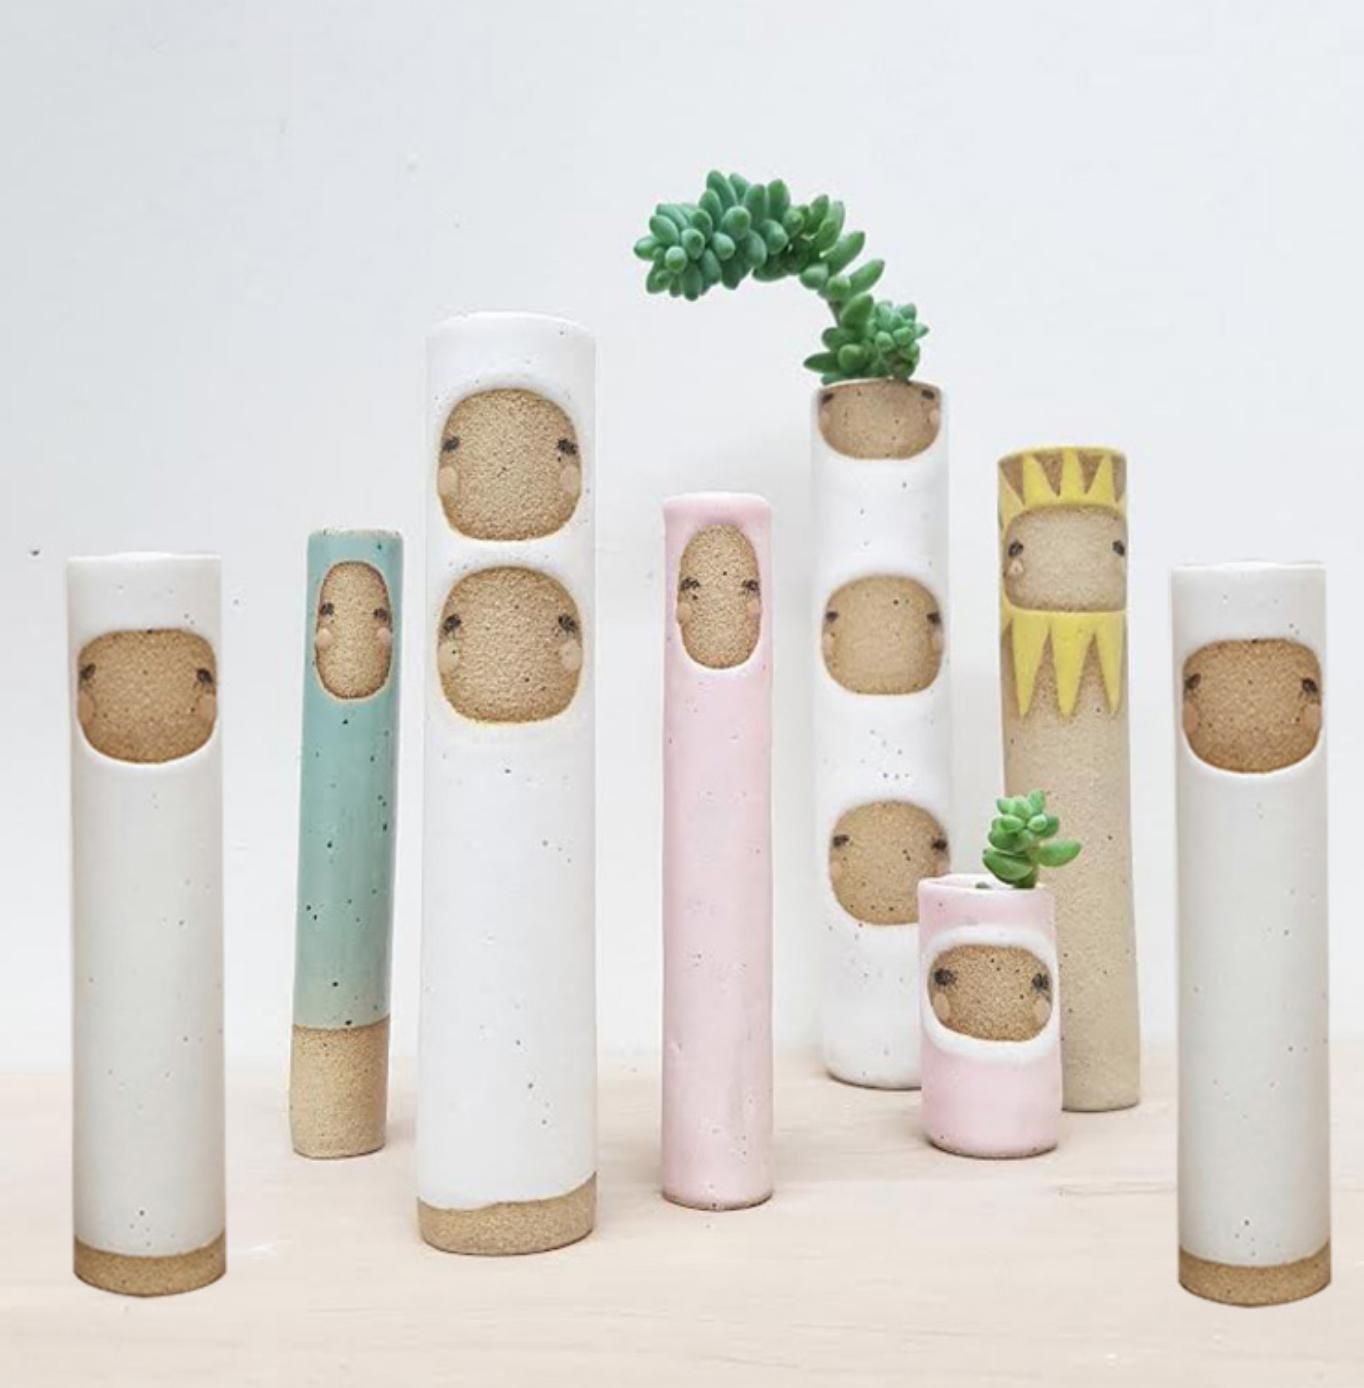 handmade_pop_up_eikam_ceramics_02.png